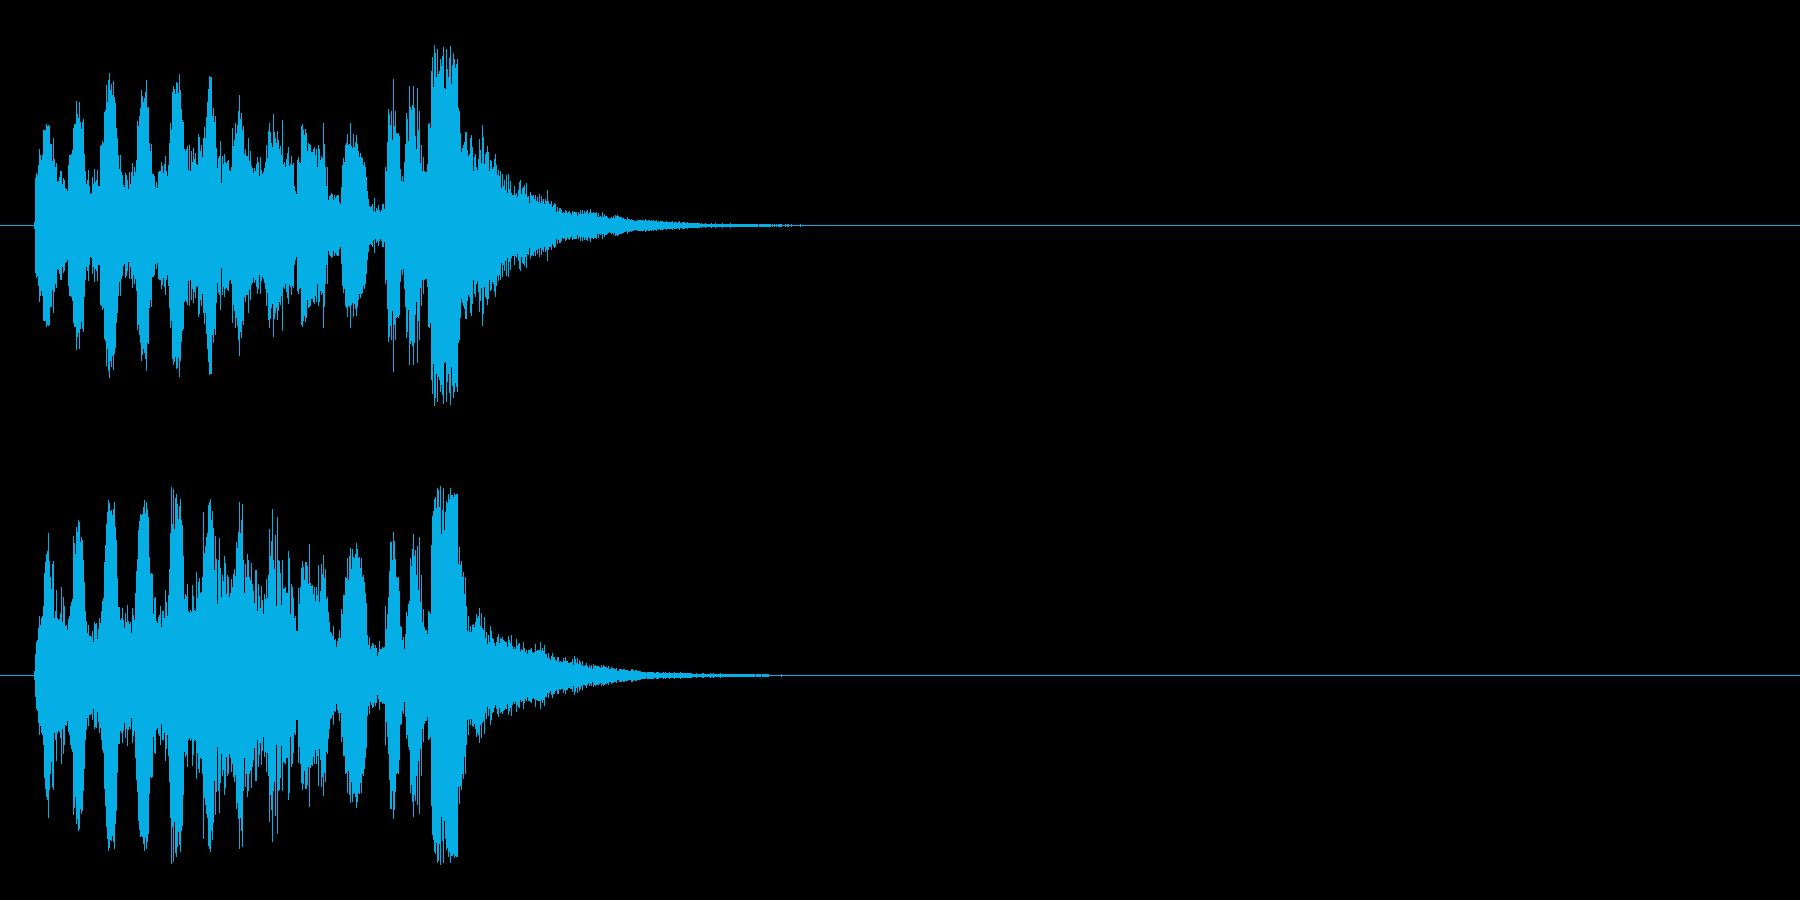 キュー・アタック風パニックのジングルの再生済みの波形